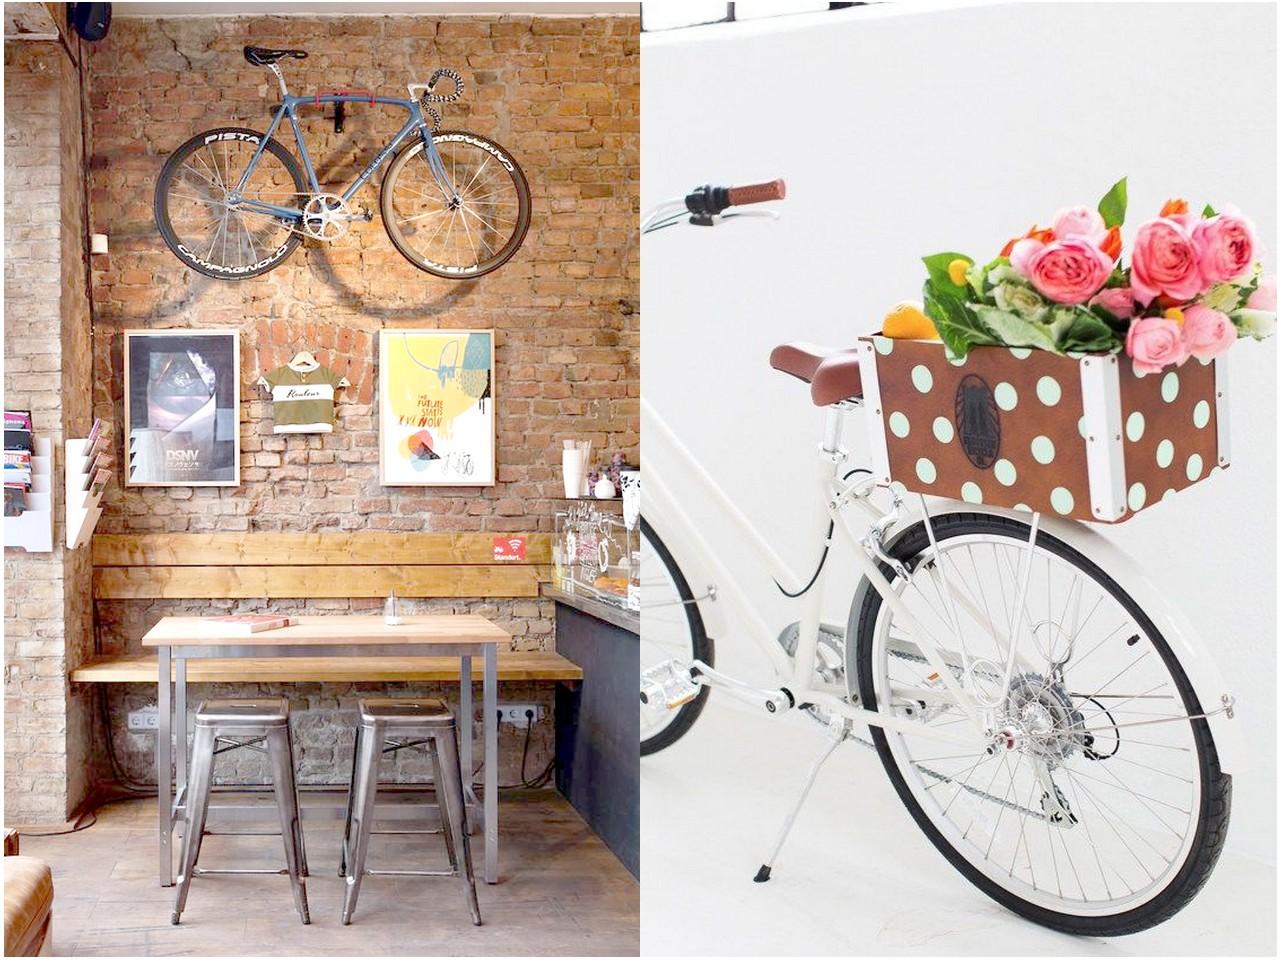 7 originales ideas para reciclar bicicletas - Reciclar cosas para decorar ...